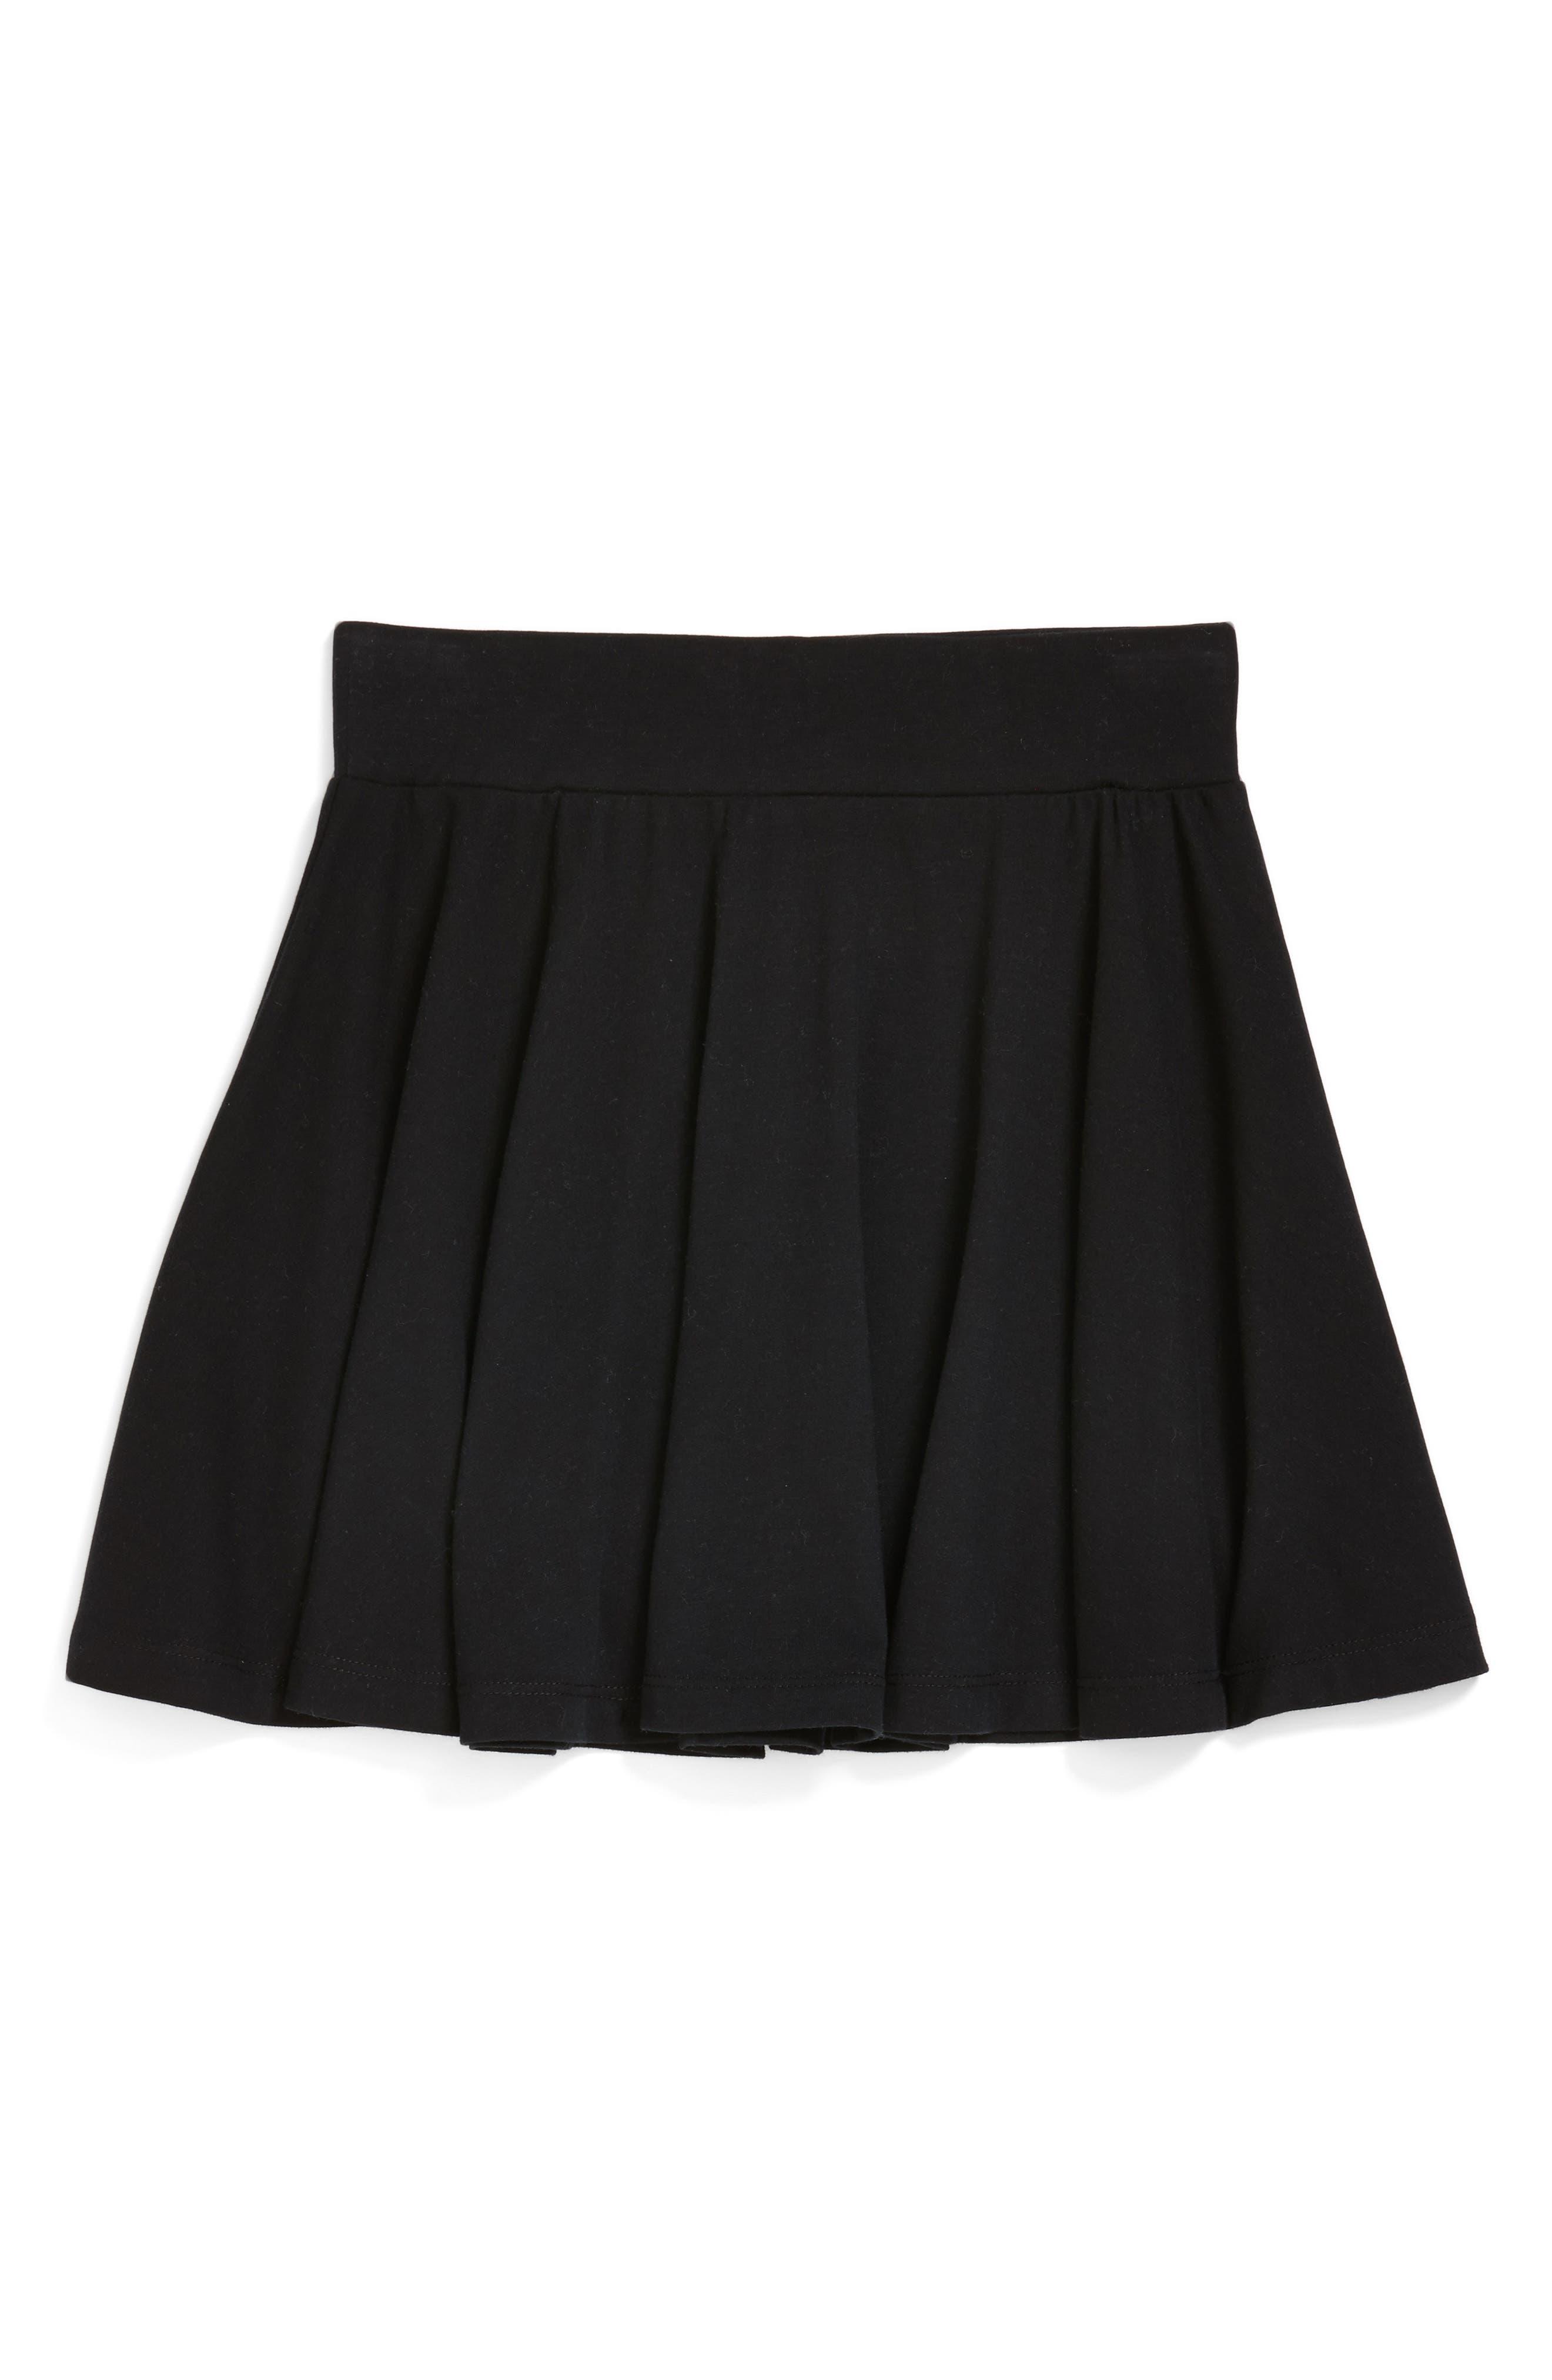 TUCKER + TATE, Ali Skater Skirt, Main thumbnail 1, color, BLACK